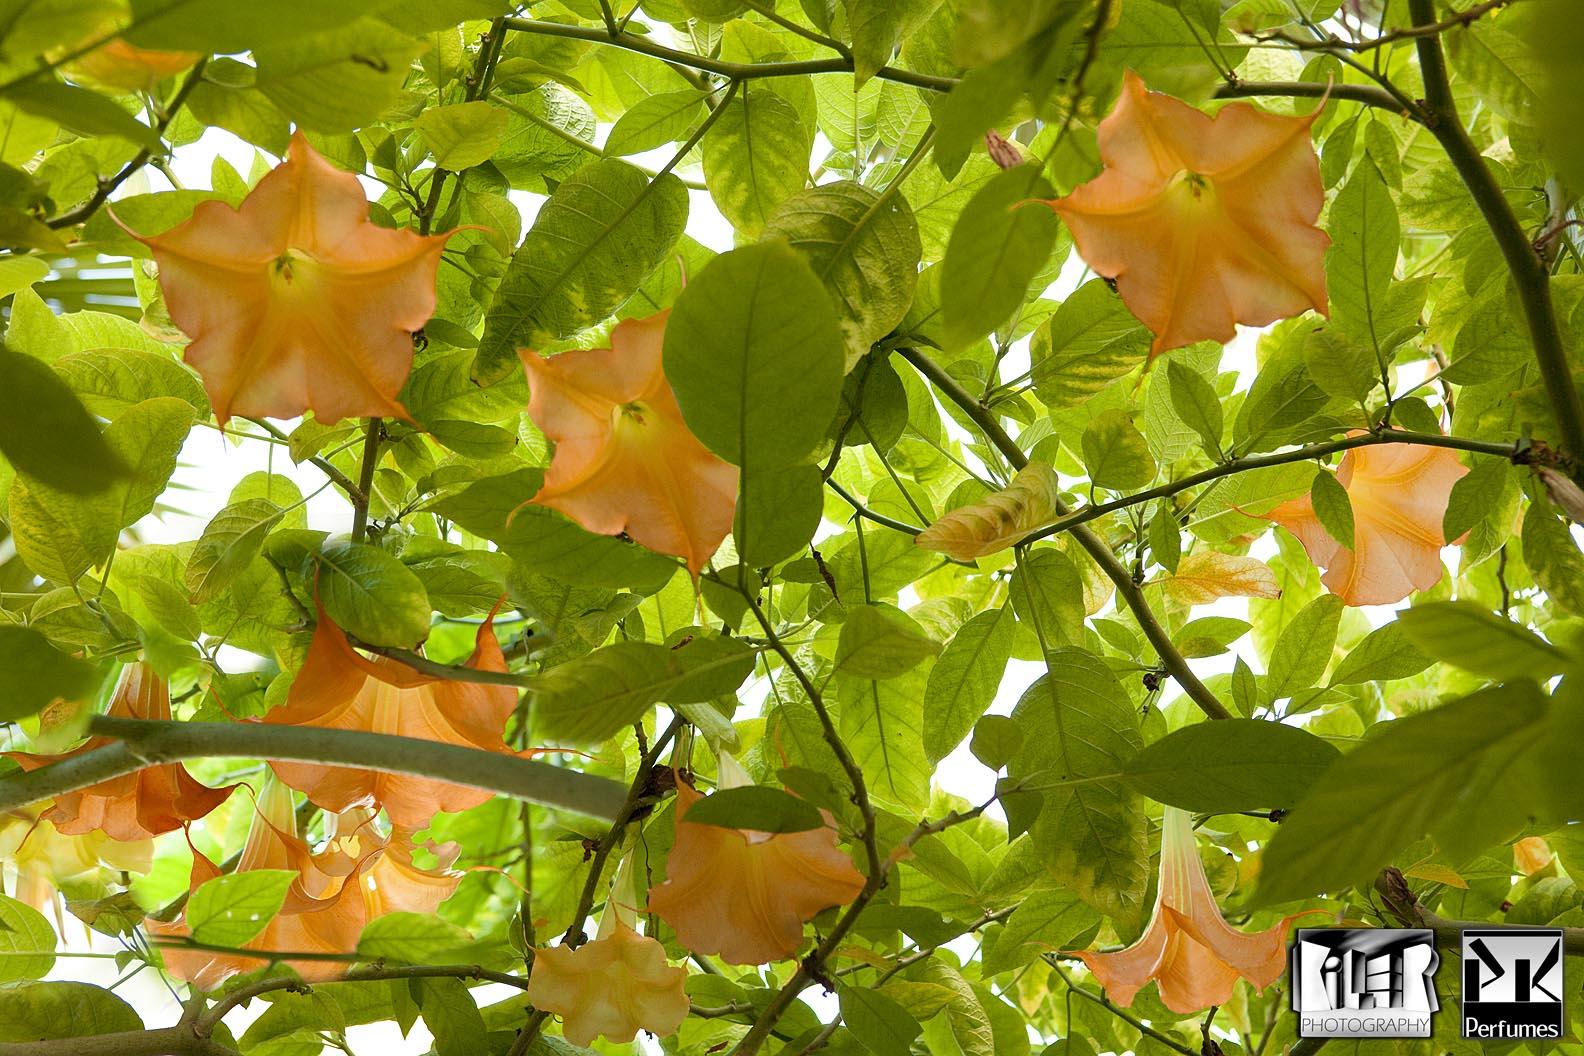 Brugmansia Arborea - PK Perfumes